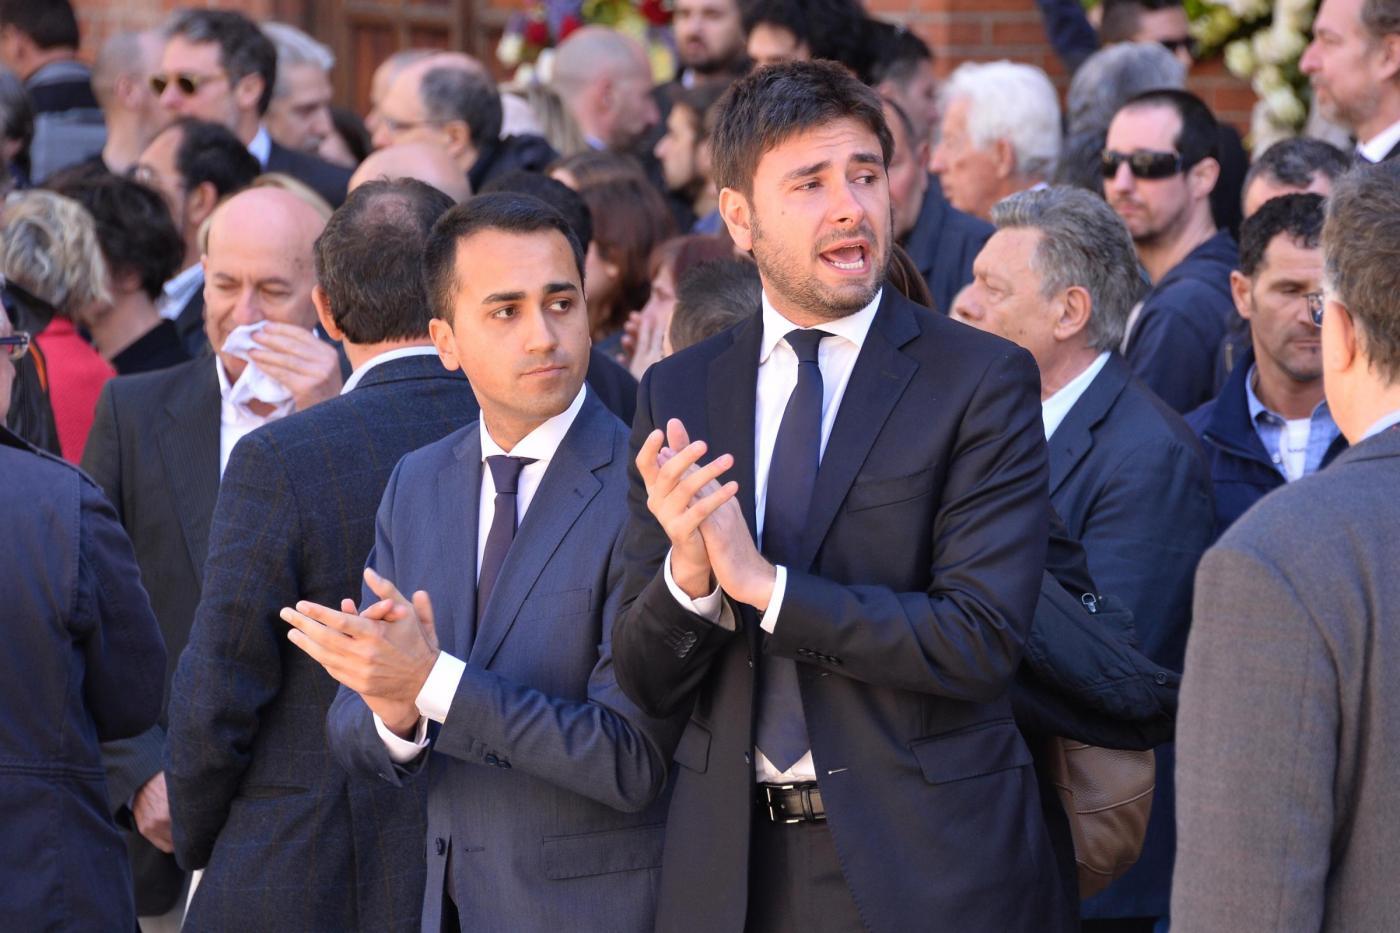 Gianroberto Casaleggio, funerali in forma privata a Milano